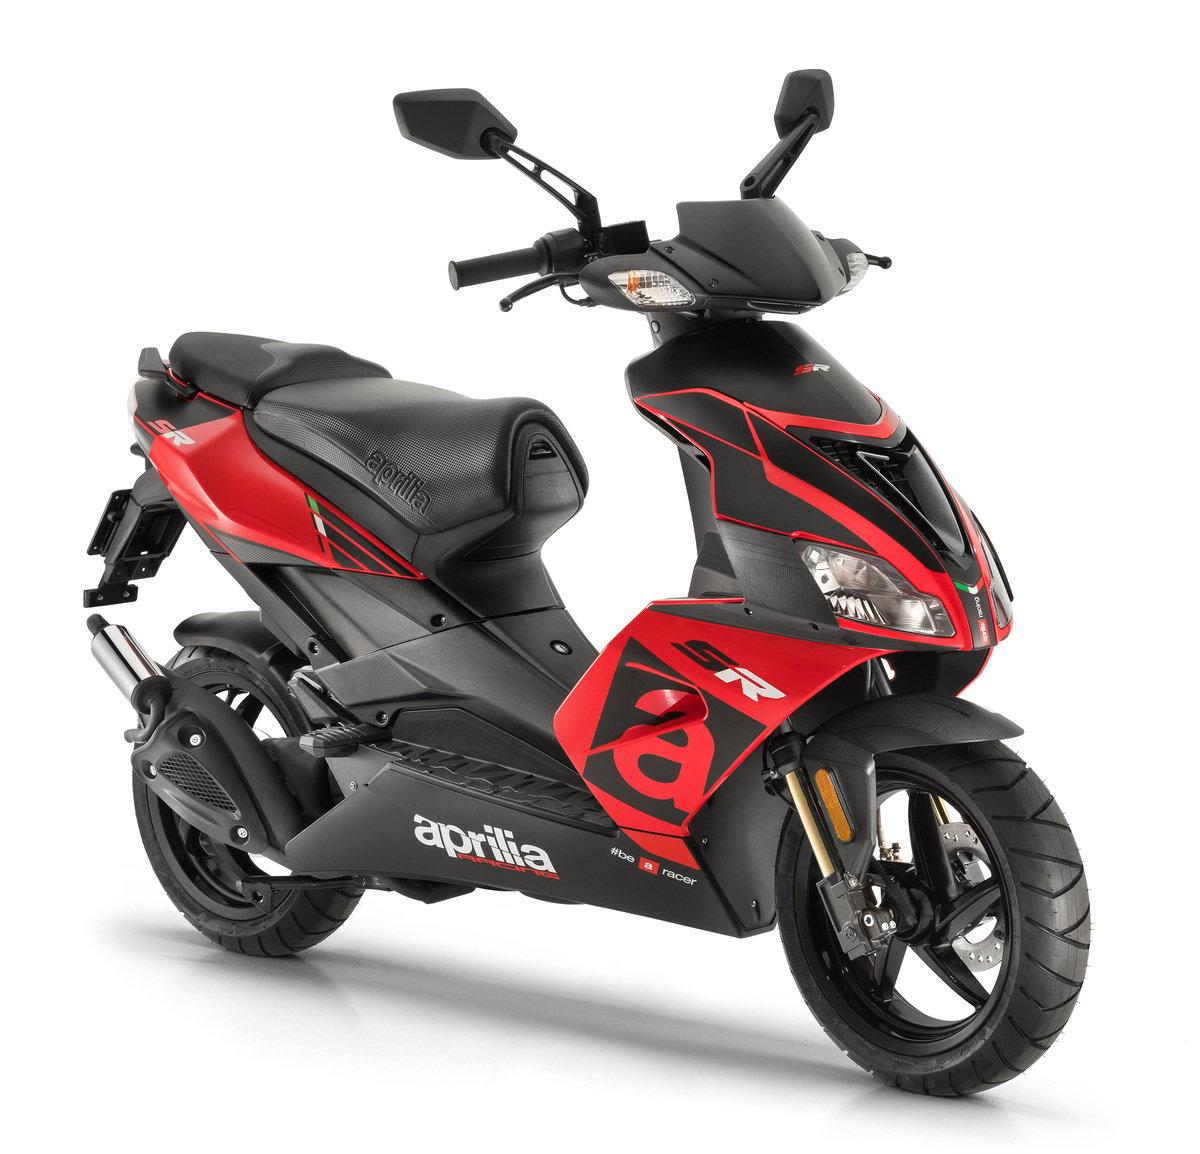 Assicurazione motociclo 50 online dating